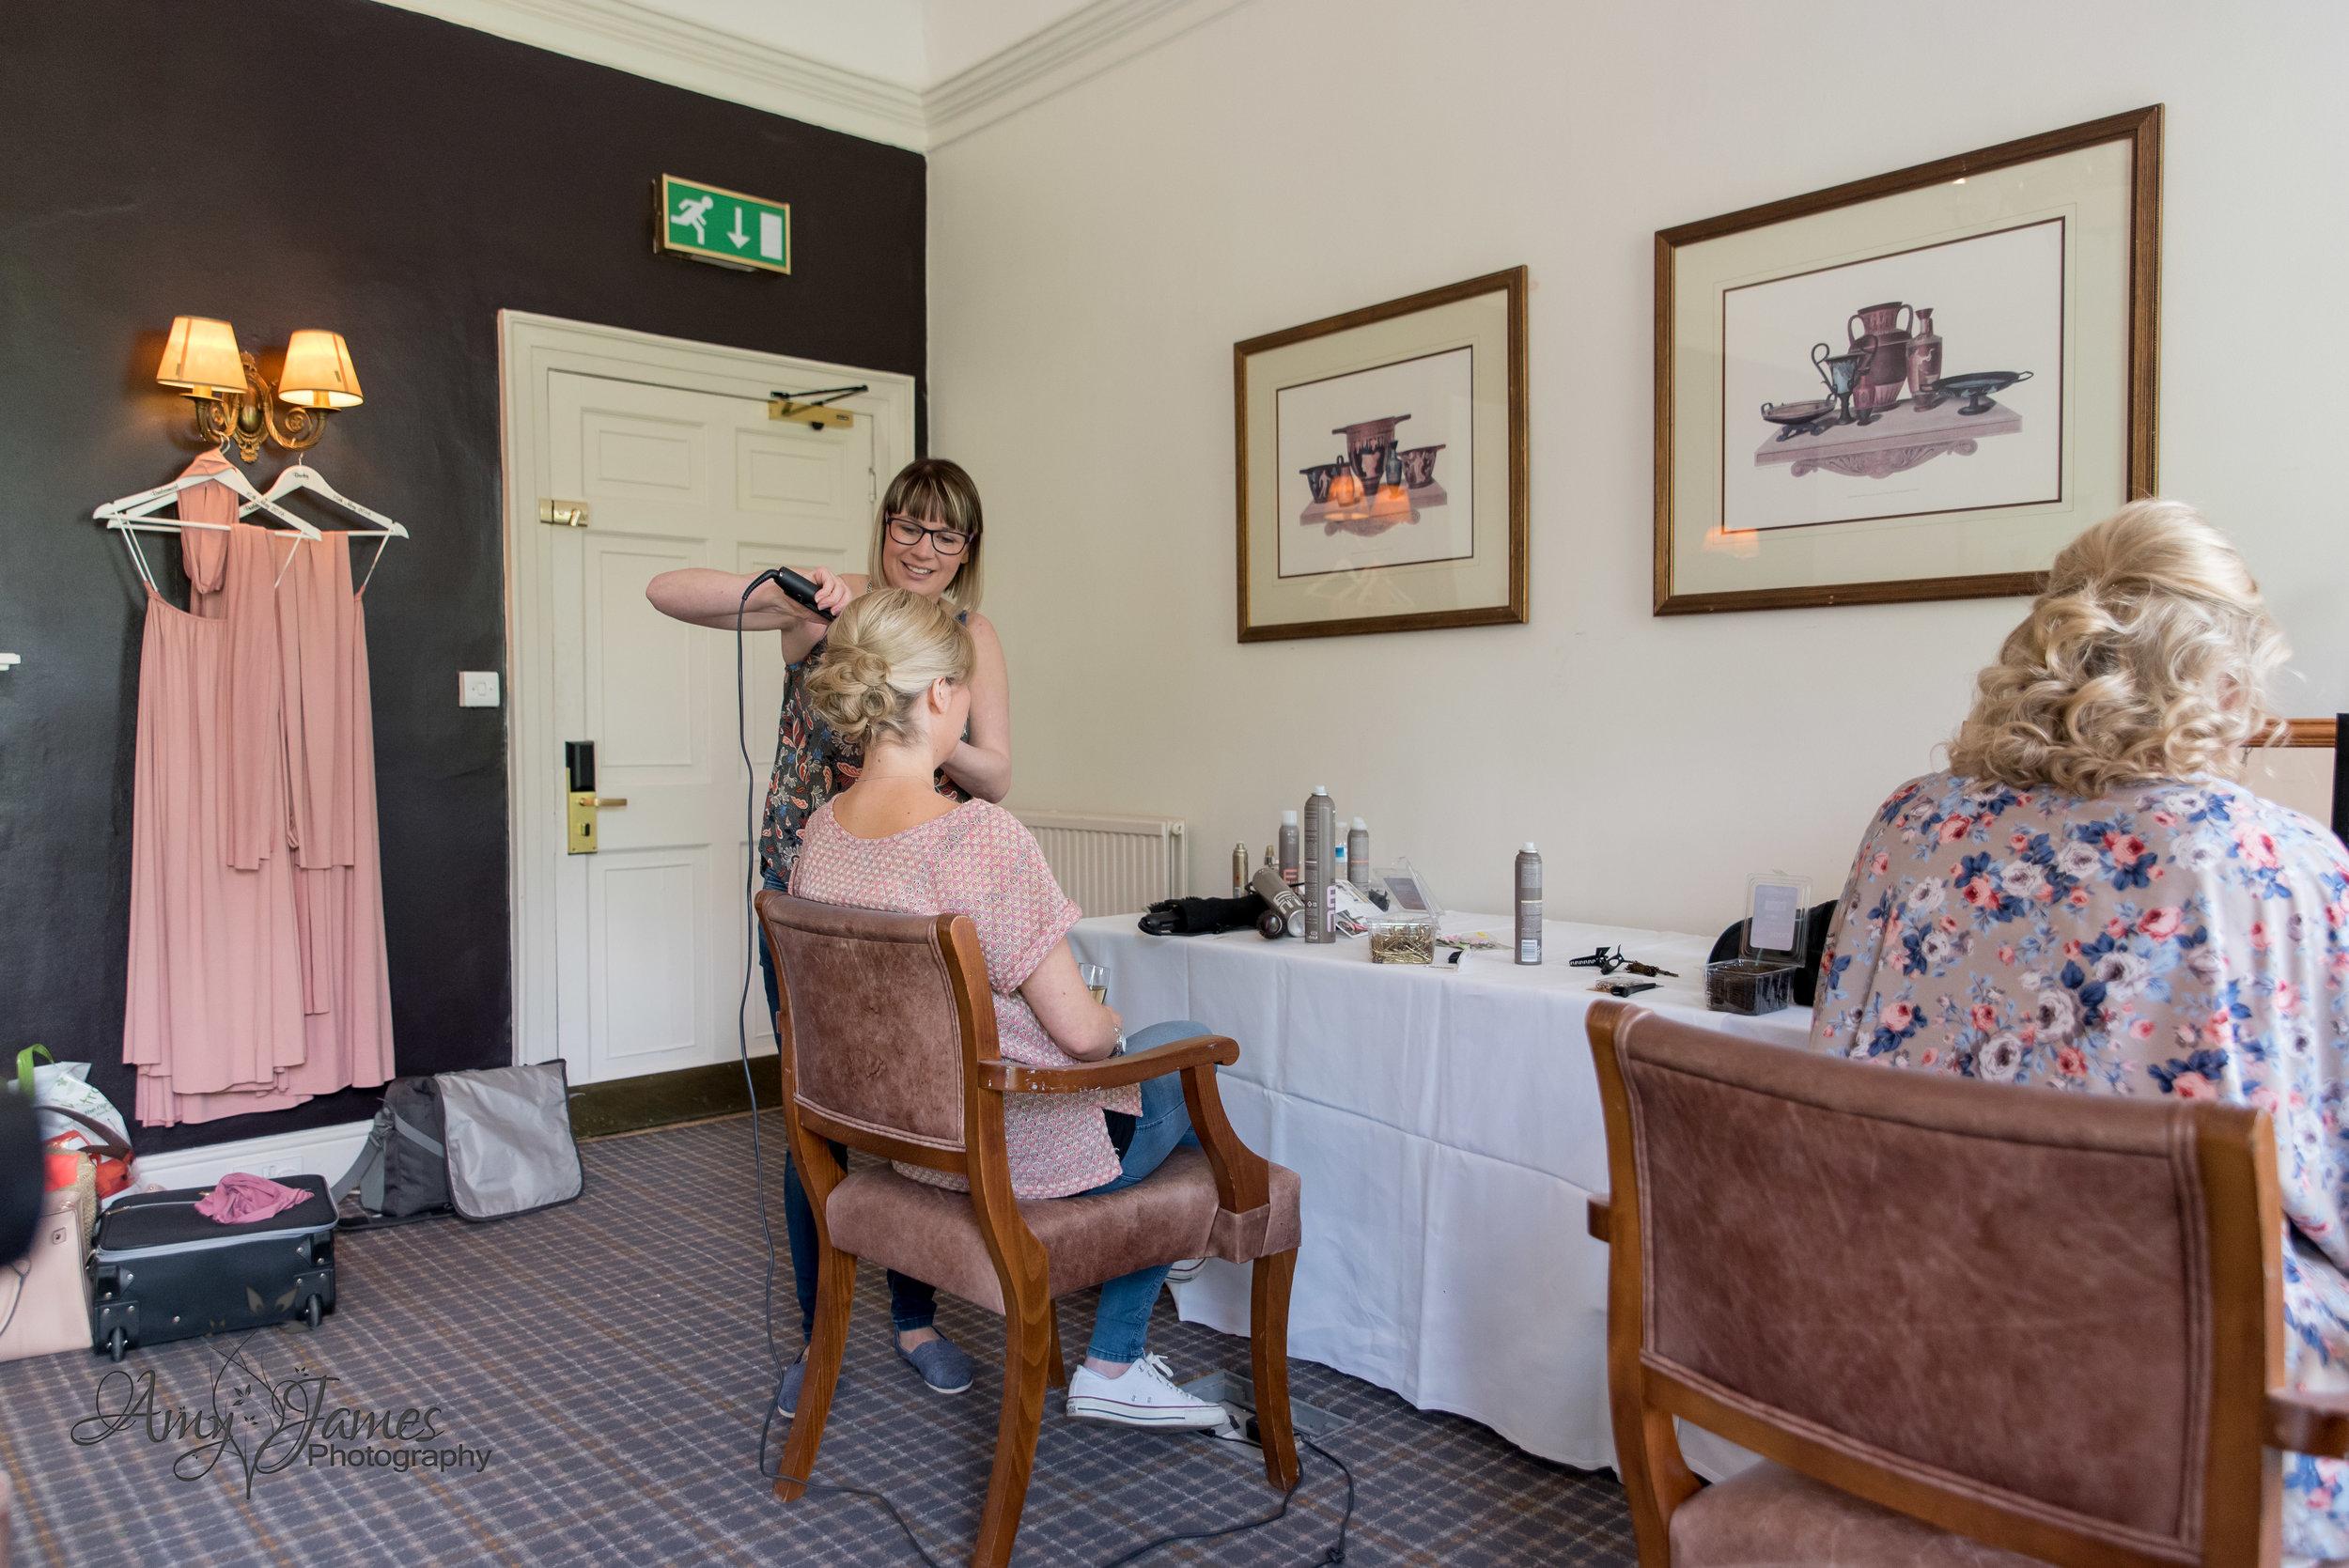 Hampshire wedding photographer  | Fleet wedding photographer | Highfield Park wedding photographer | Surrey wedding photographer | Amy James Photography